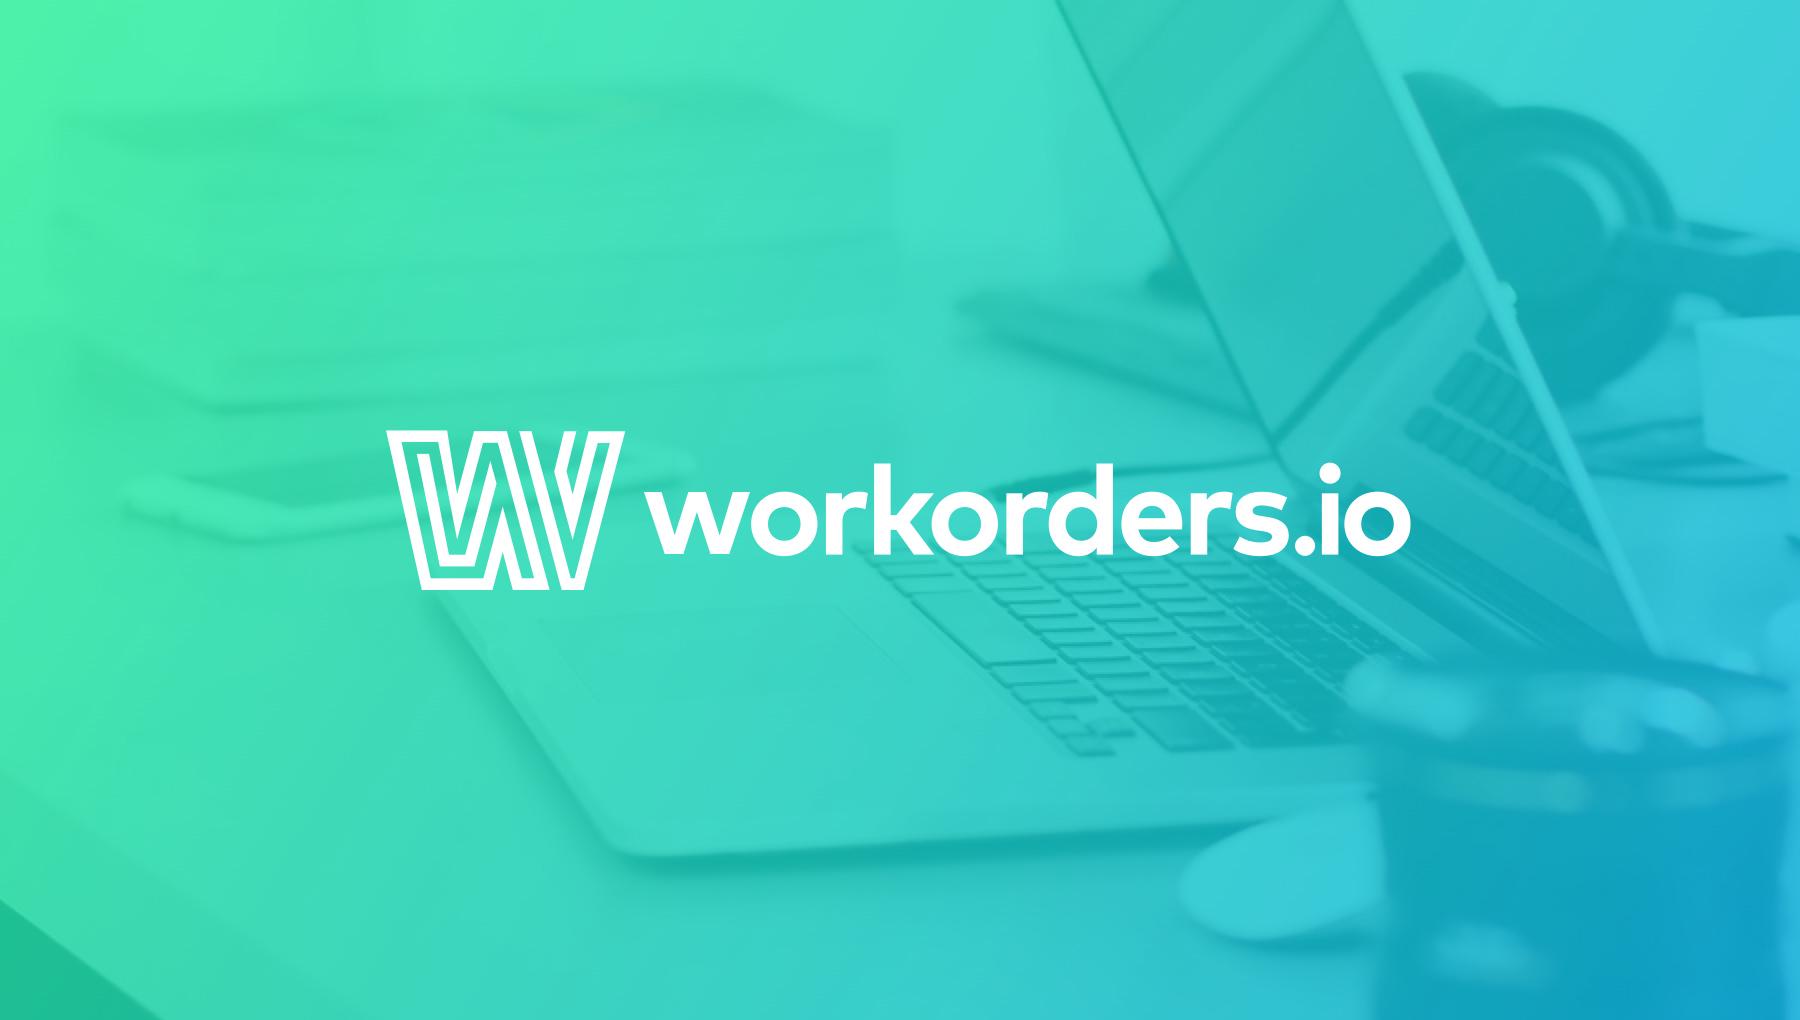 GOUGH_WorkOrders.jpg